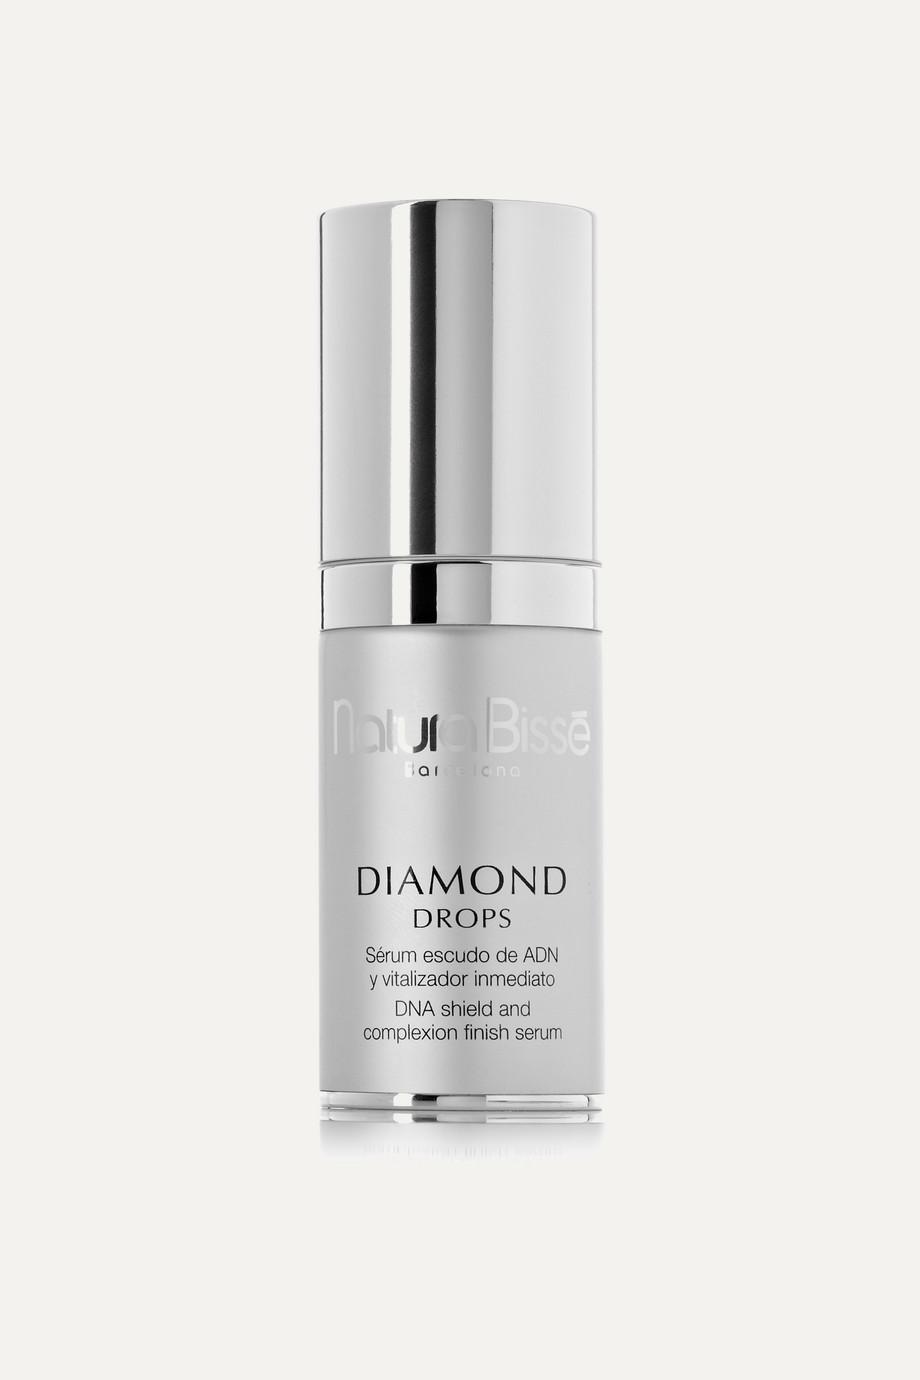 Natura Bissé Diamond Drops Serum, 25ml